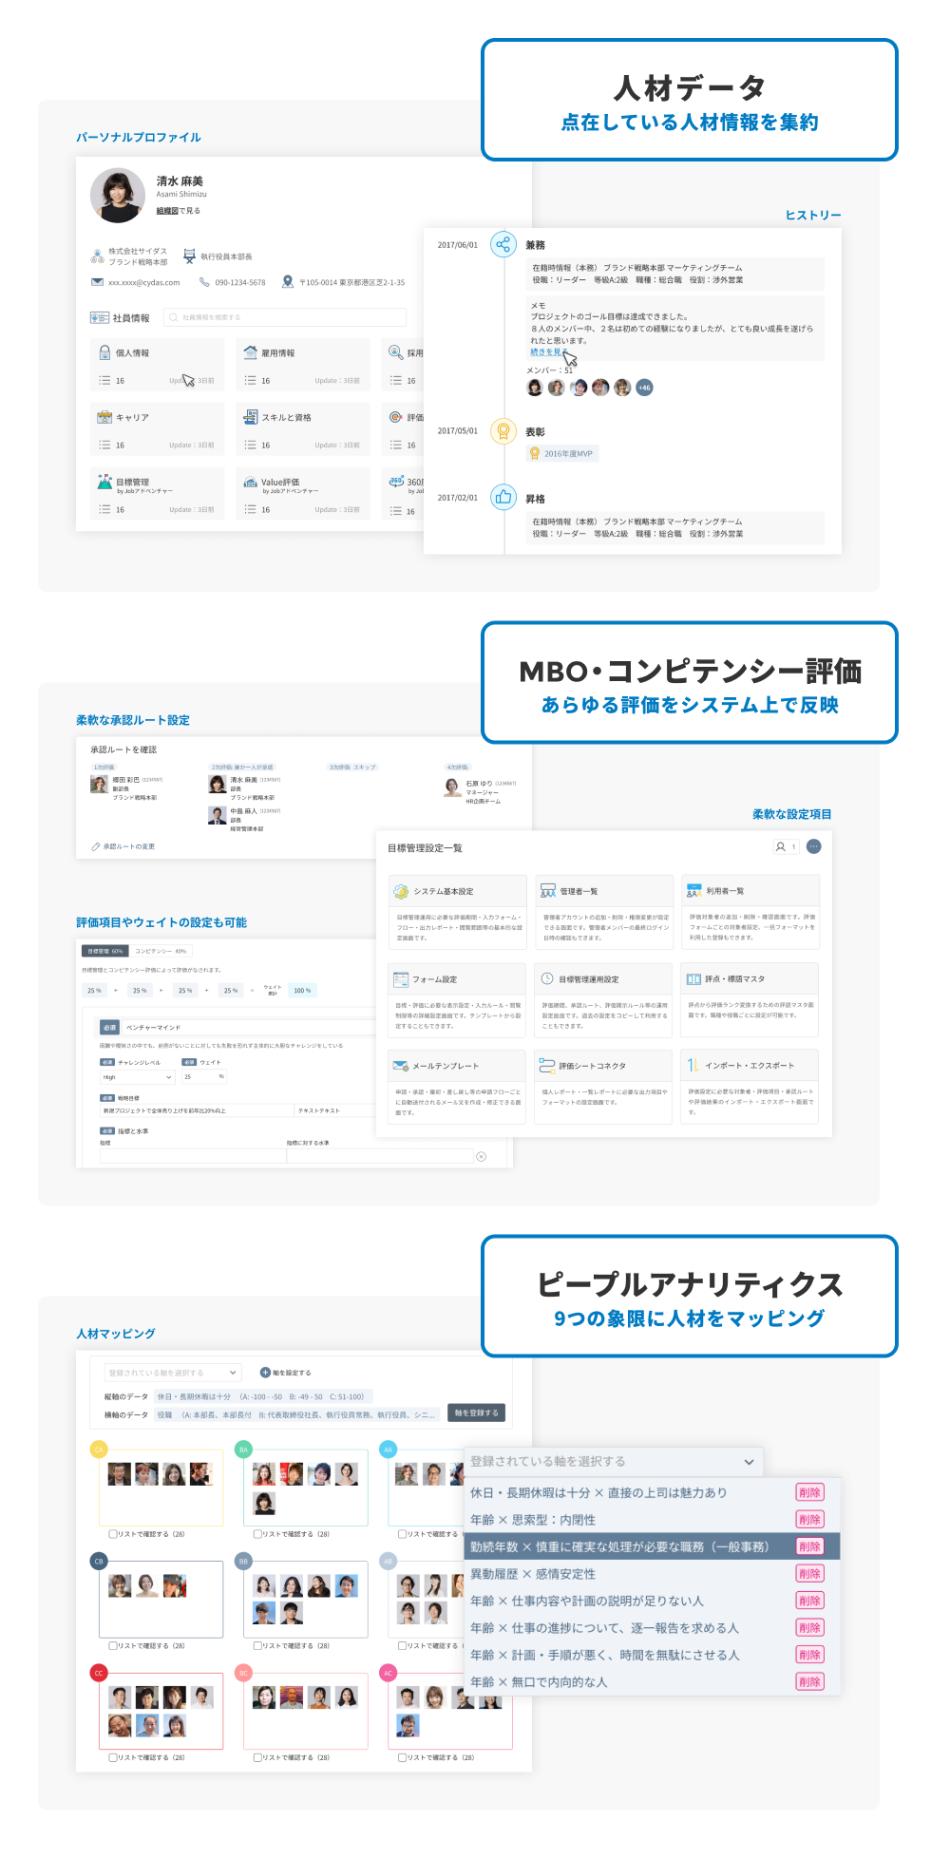 Profile Manager(CYDAS)製品詳細1